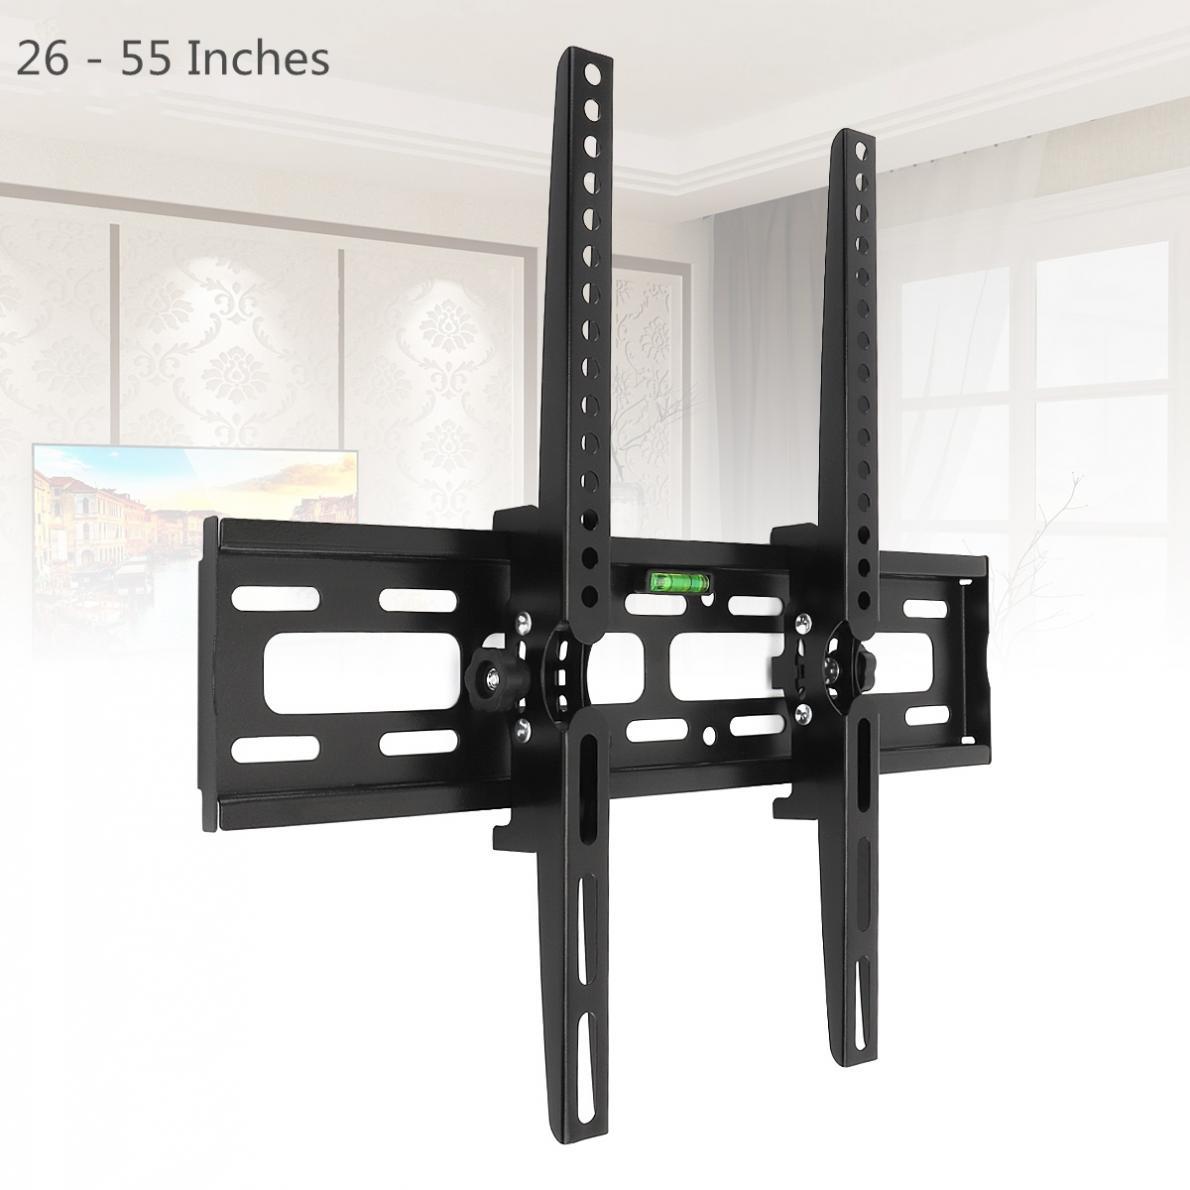 Suporte ajustável 15 graus de inclinação do quadro da tevê do painel plano do suporte da montagem da parede da tevê do universal 30 kg com nível para 26-55 Polegada led lcd